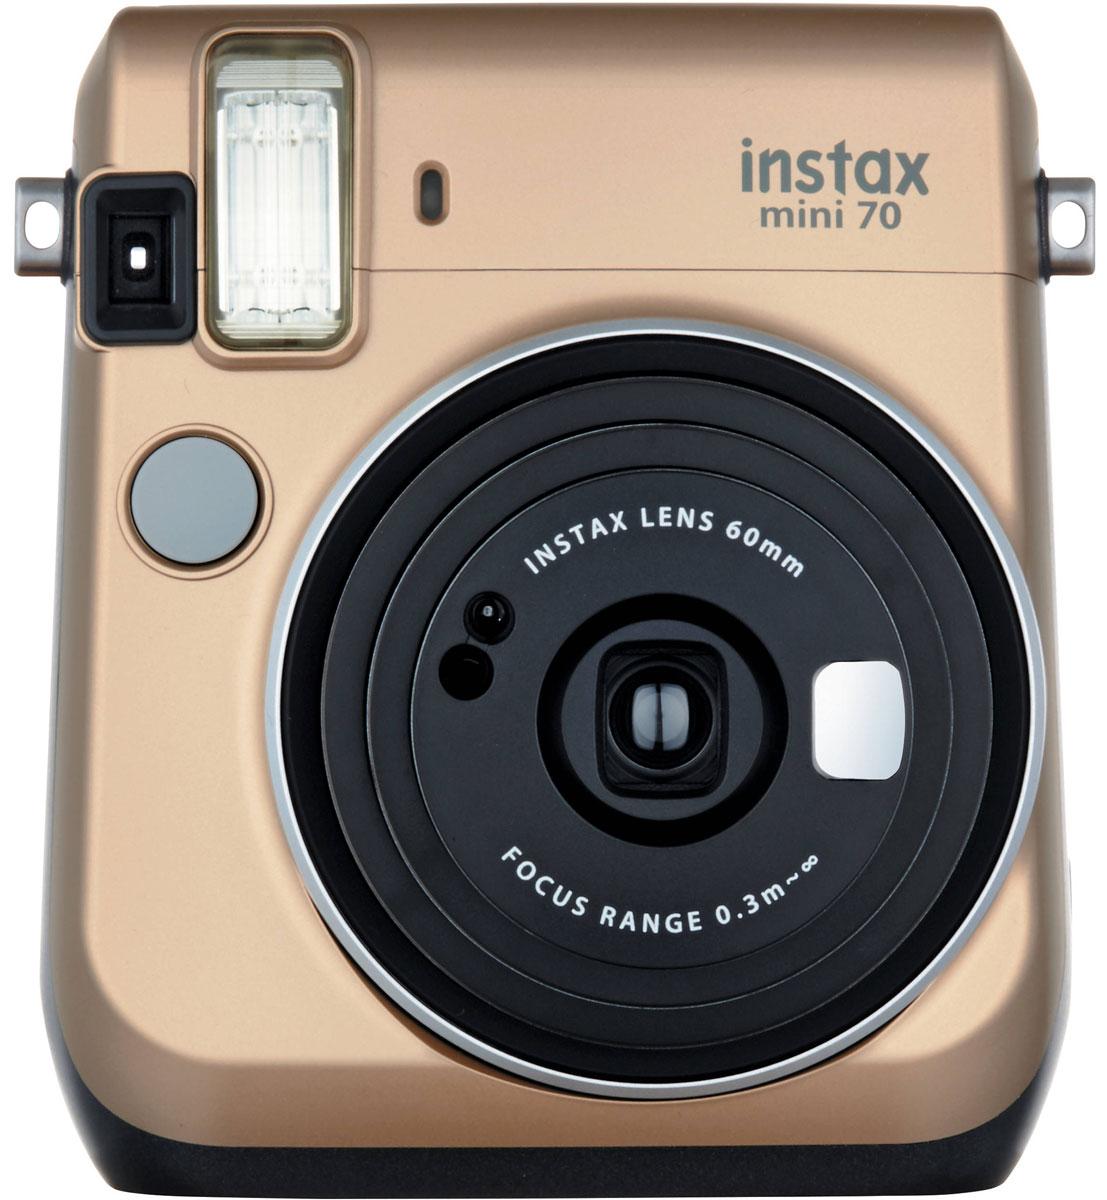 Fujifilm Instax Mini 70, Gold фотокамера мгновенной печати16513891С камерой Fujifilm Instax Mini 70 вы превратите серые будни в особенные дни, наполненные улыбками. Чтобы проводить время весело, всегда и везде берите с собой этот стильный фотоаппарат. Главной особенностью камеры является функция автоматического контроля экспозиции, которая позволяет запечатлеть, как объект съемки, так и фон в их естественной освещенности. Помимо этого Instax Mini 70 может похвастаться отдельным режимом съемки для создания cелфи. Использование режима selfie обеспечивает оптимальную яркость и расстояние для съемки автопортретов. Вы также можете проверить кадрирование в специальном зеркальце рядом с объективом. Высокопроизводительная вспышка автоматически определяет яркость окружающего освещения и устанавливает оптимальную выдержку - специальные настройки не требуются! С помощью функции Hi-Key можно запечатлеть яркие, красивые тона кожи. Также имеются режимы для съемки макро и пейзажей. Для максимального удобства также...